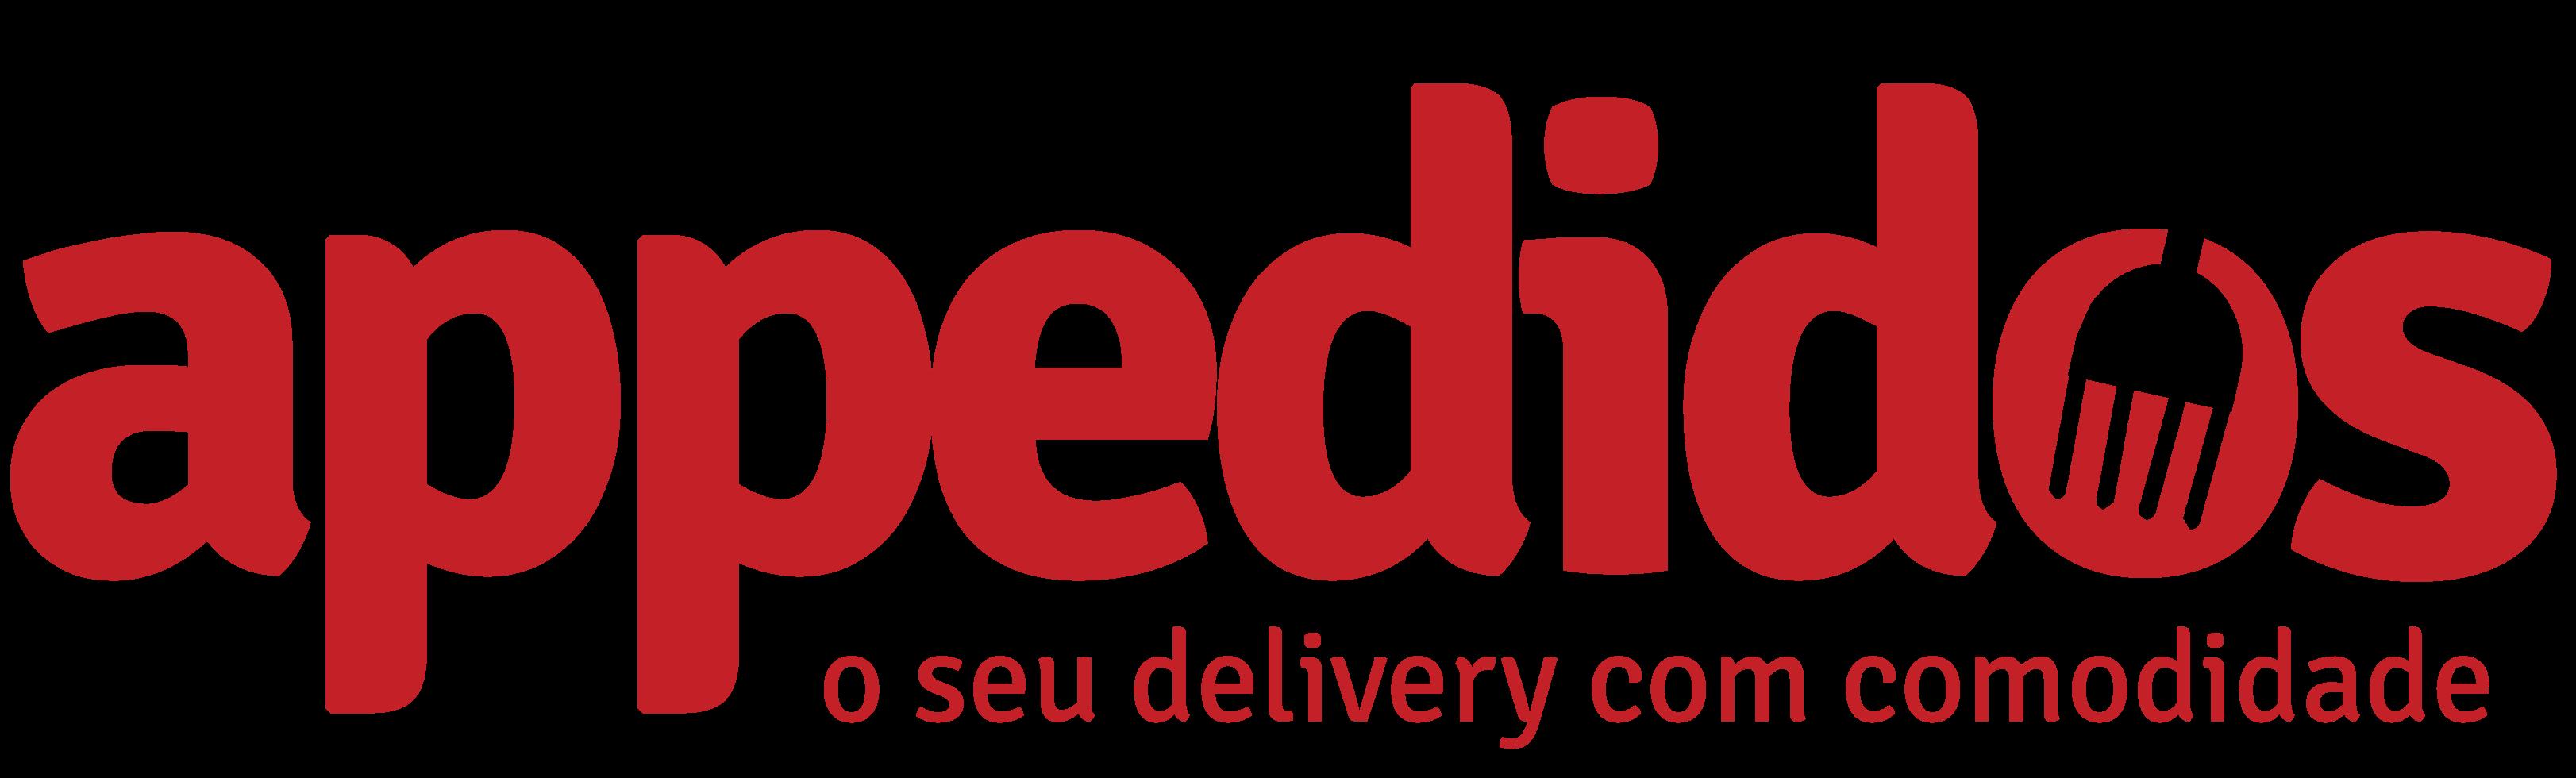 appdidos-logo